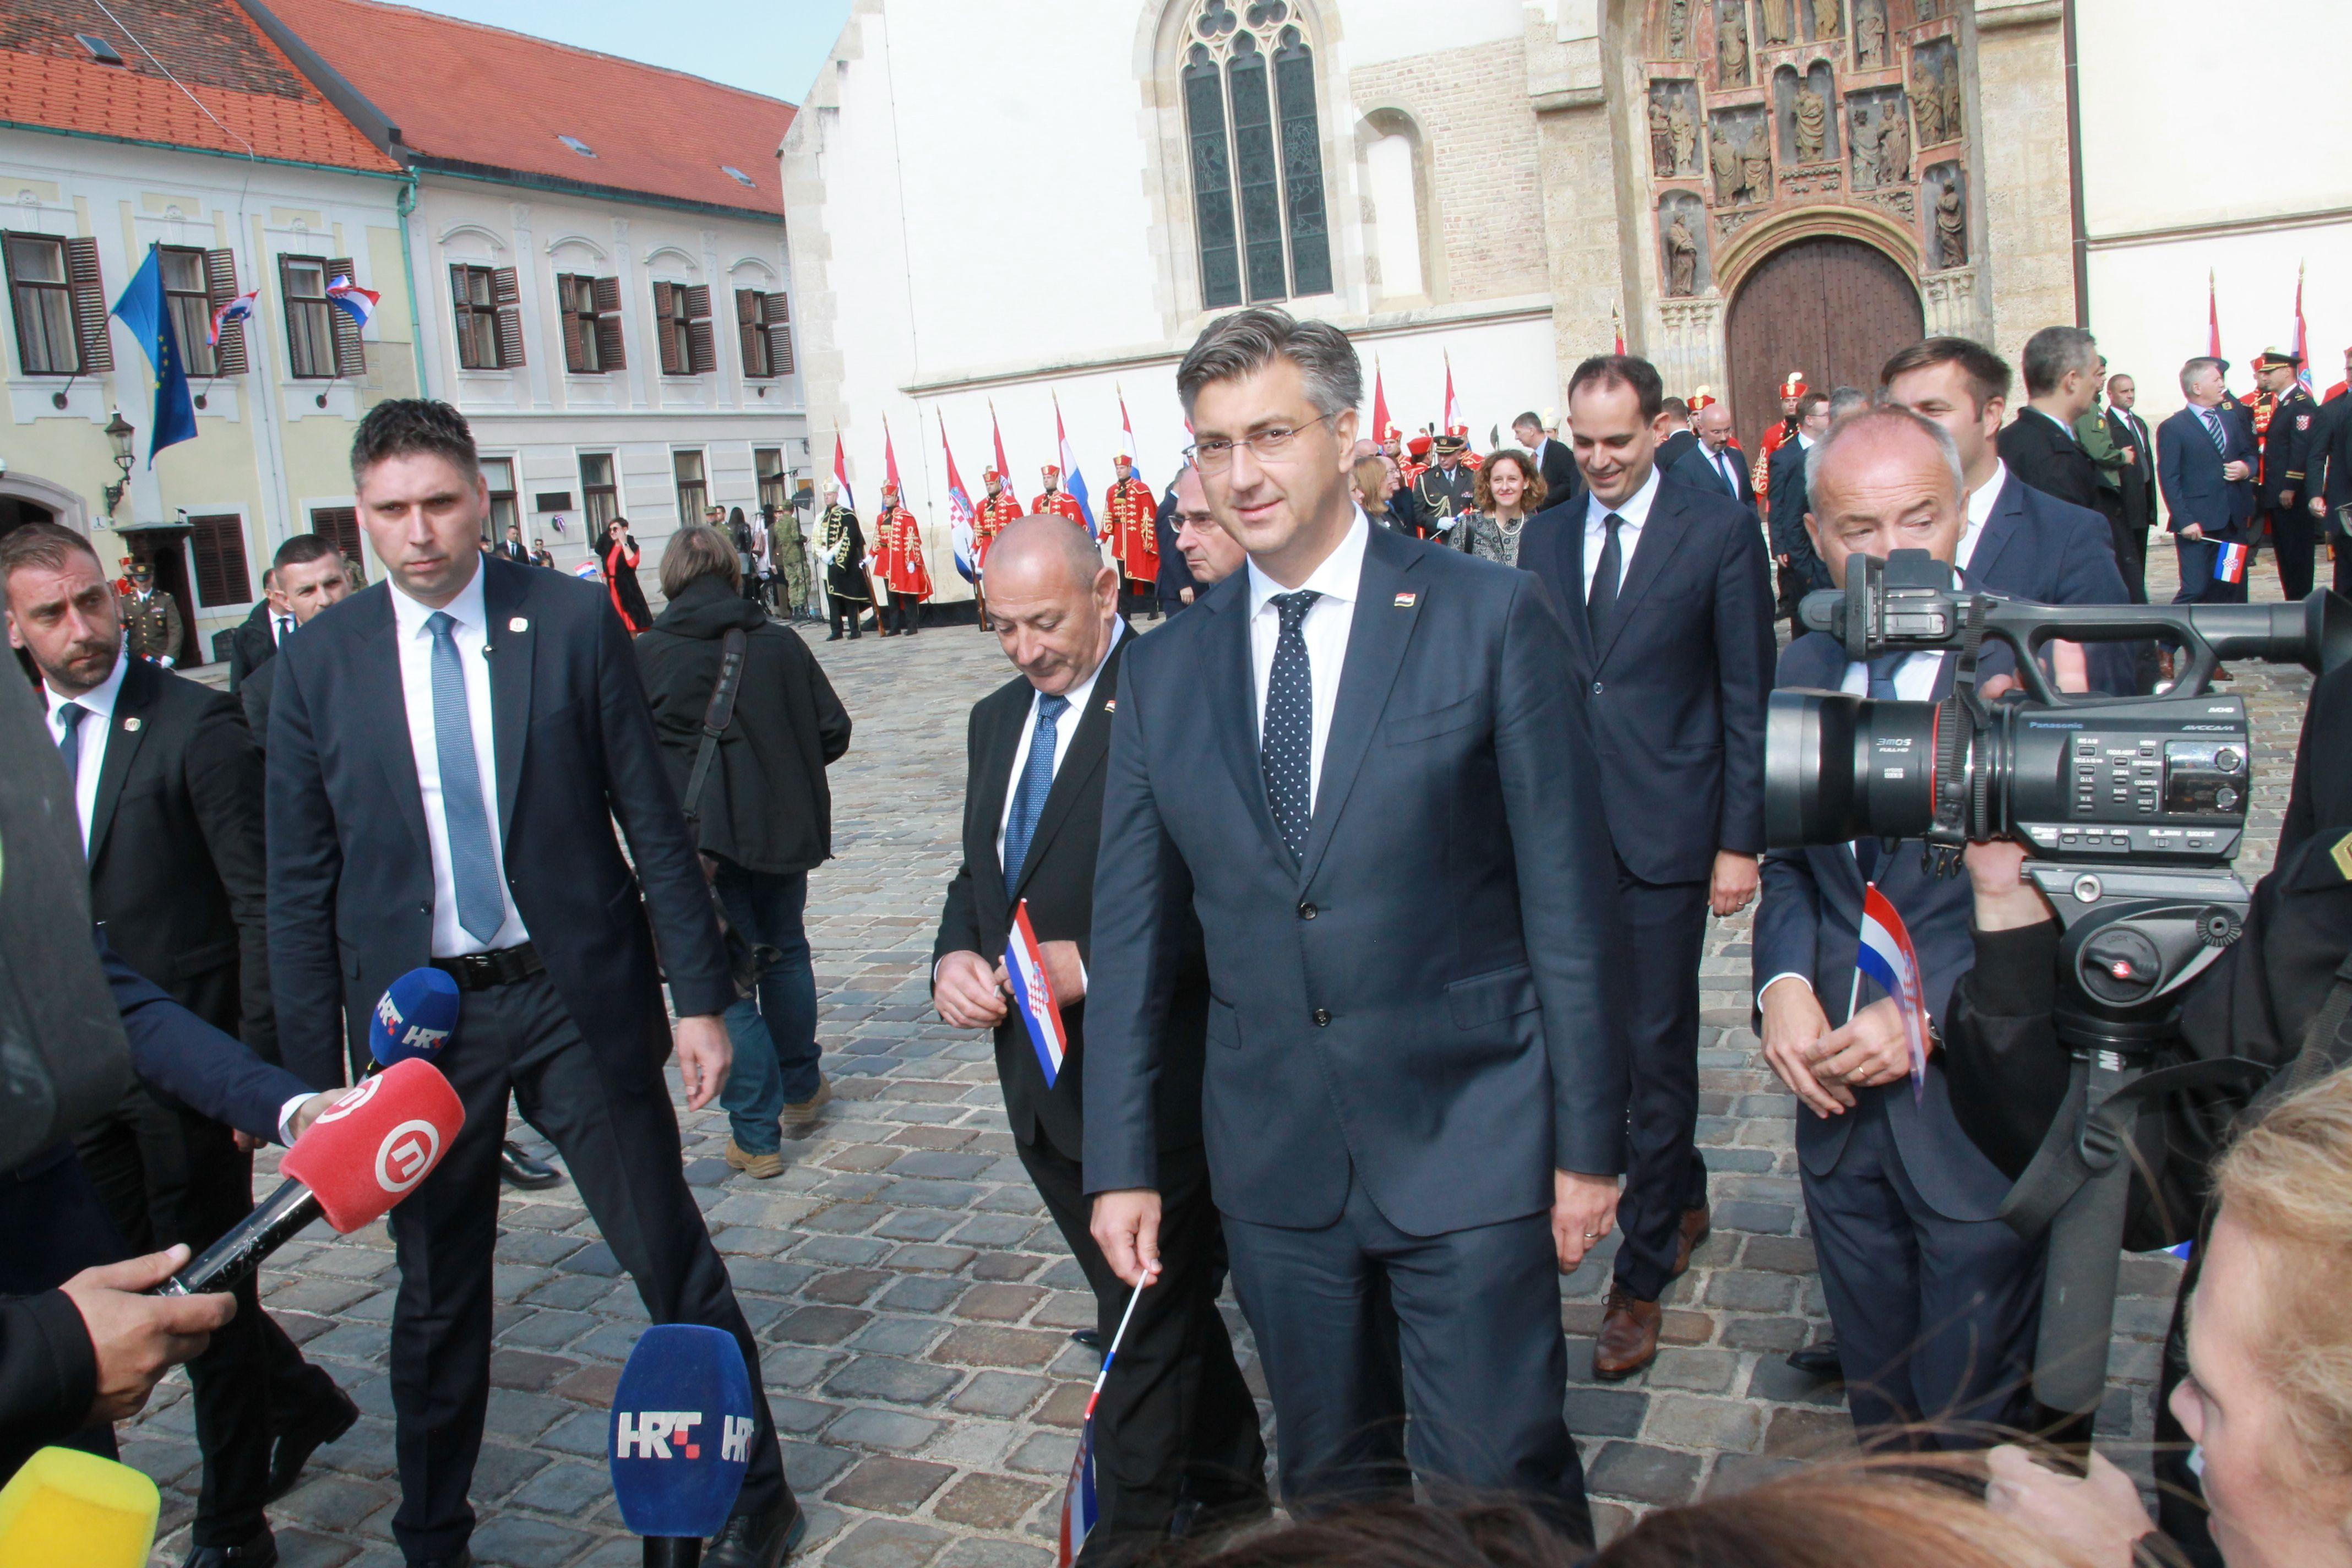 """Plenković: """"Na nama je da Hrvatsku koju imamo uređujemo na dobrobit svih naših sugrađana, da gospodarski bude prosperitetnija, da socijalno bude osjetljiva i uključiva"""""""